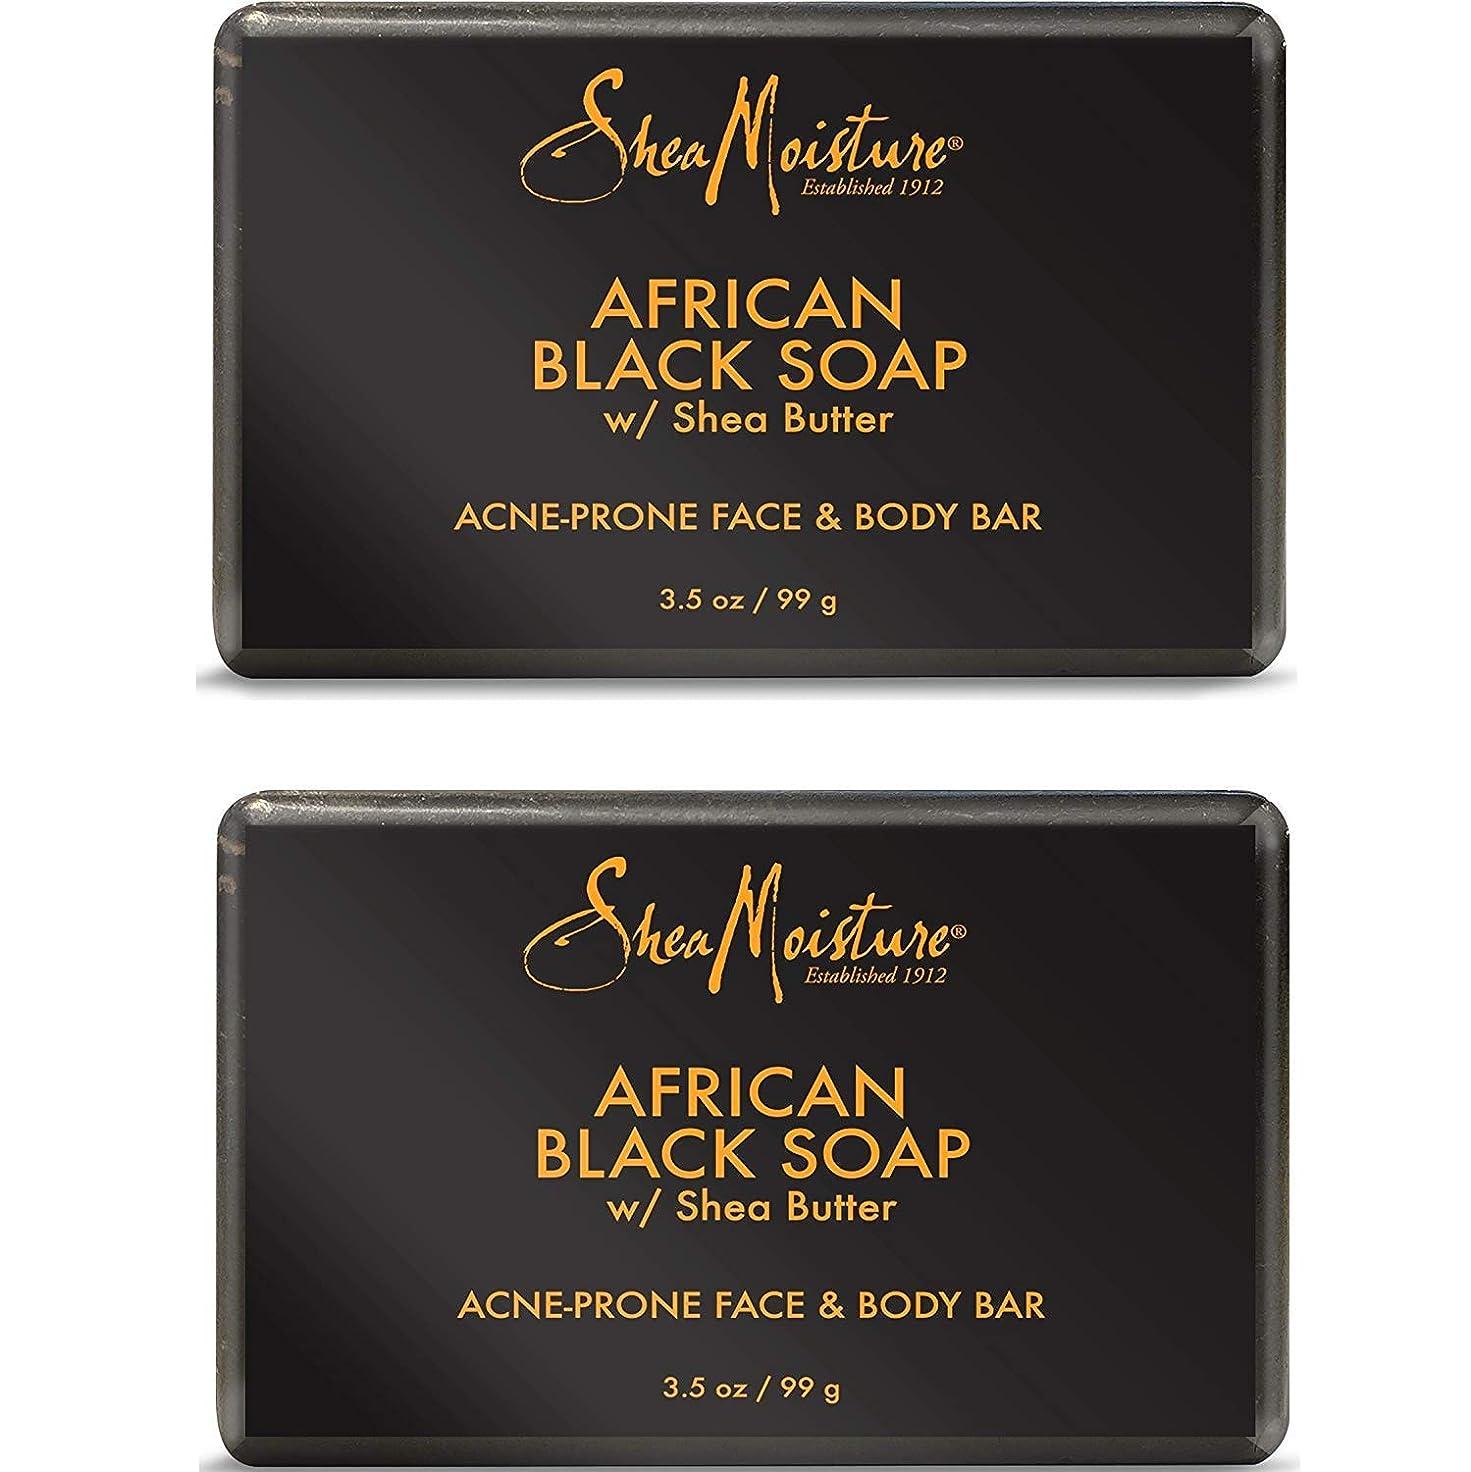 石膏マティス請求可能Shea Moisture アフリカンブラックソープバー、3.5オズ、2パック 2パック